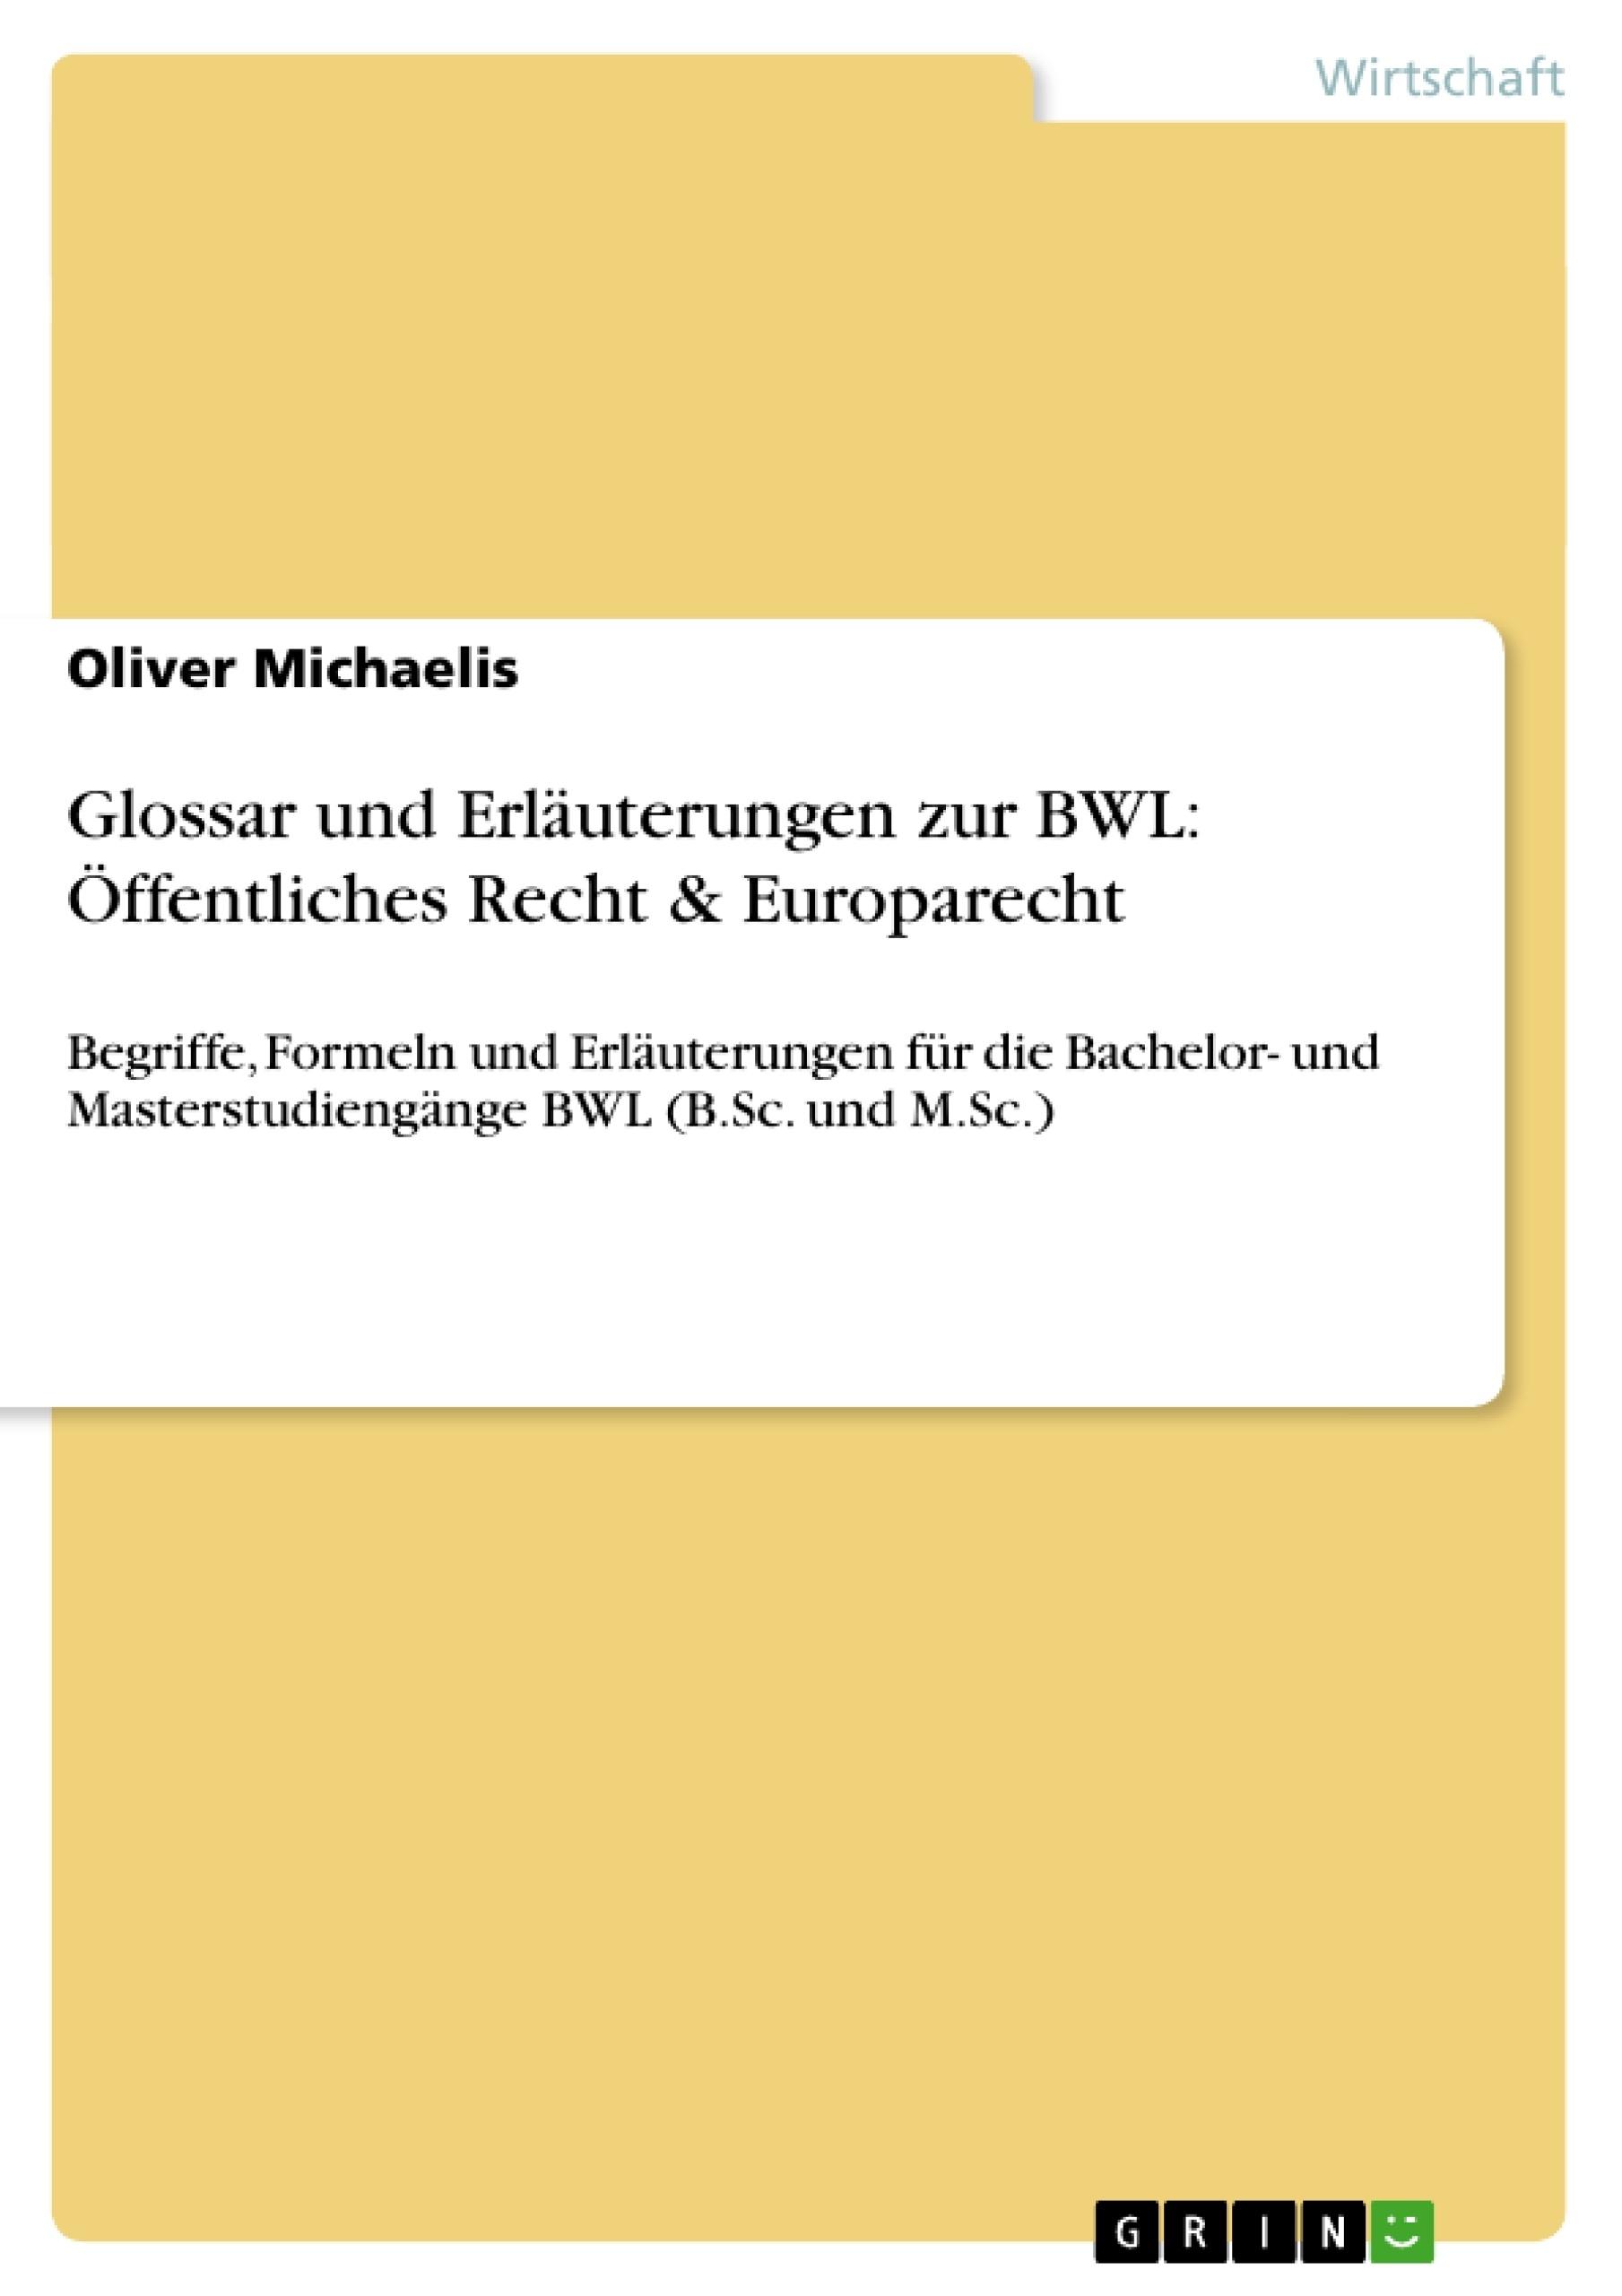 Titel: Glossar und Erläuterungen zur BWL: Öffentliches Recht & Europarecht